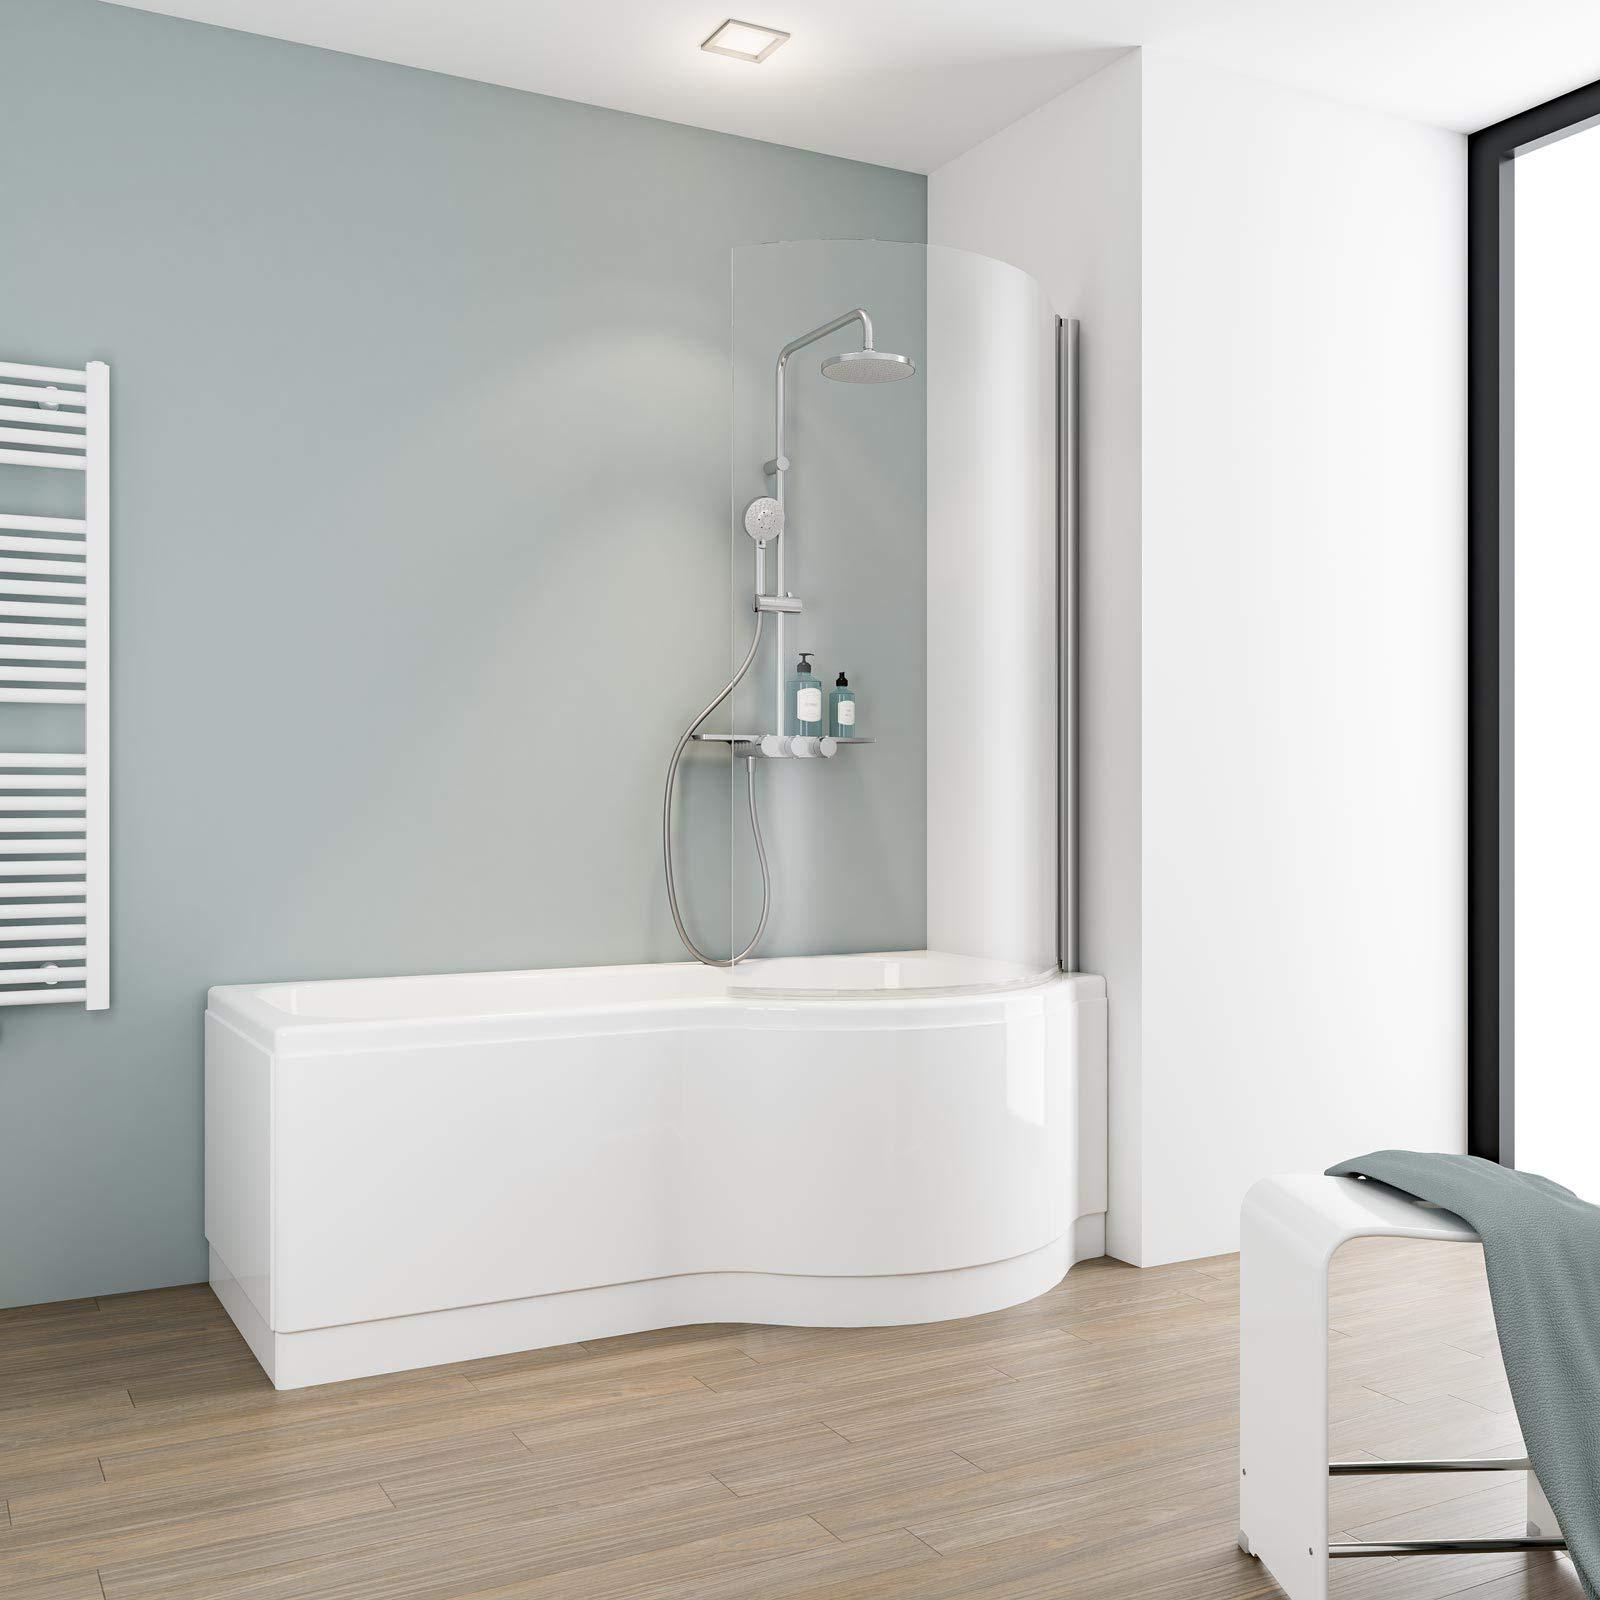 Schulte D5170-3 04 50 - Bañera combinada con ducha, D5170-3 41 50: Amazon.es: Bricolaje y herramientas